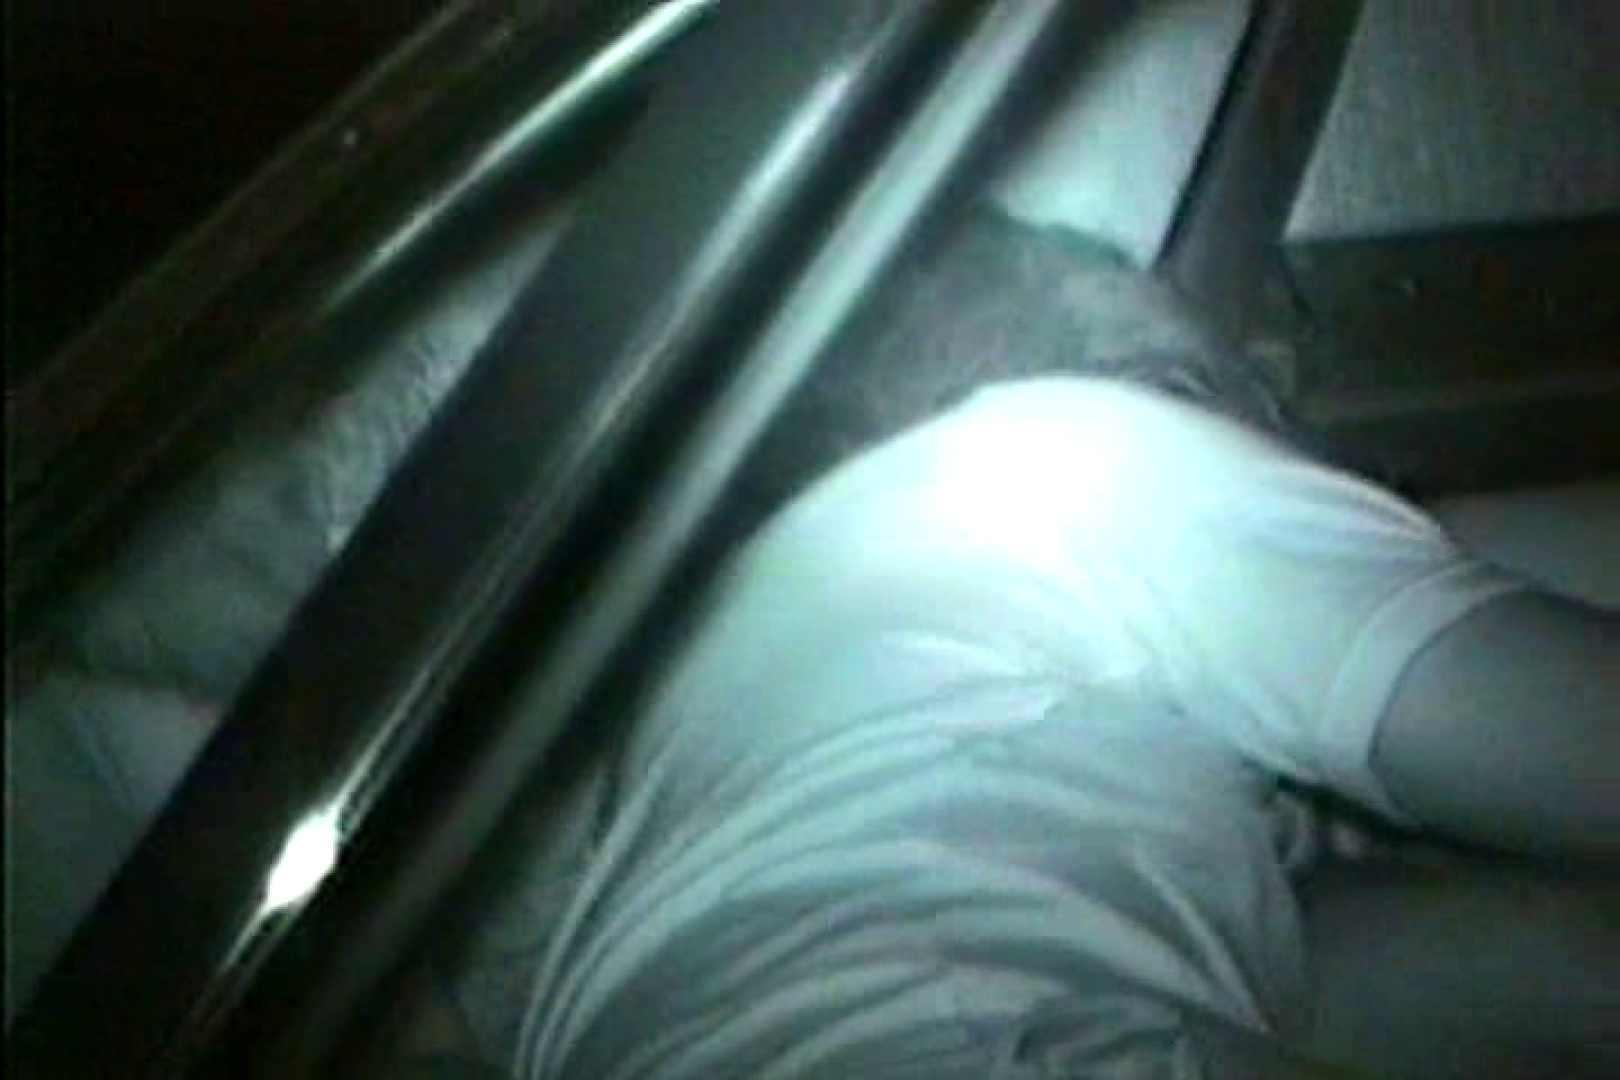 車の中はラブホテル 無修正版  Vol.6 HなOL 性交動画流出 104pic 50